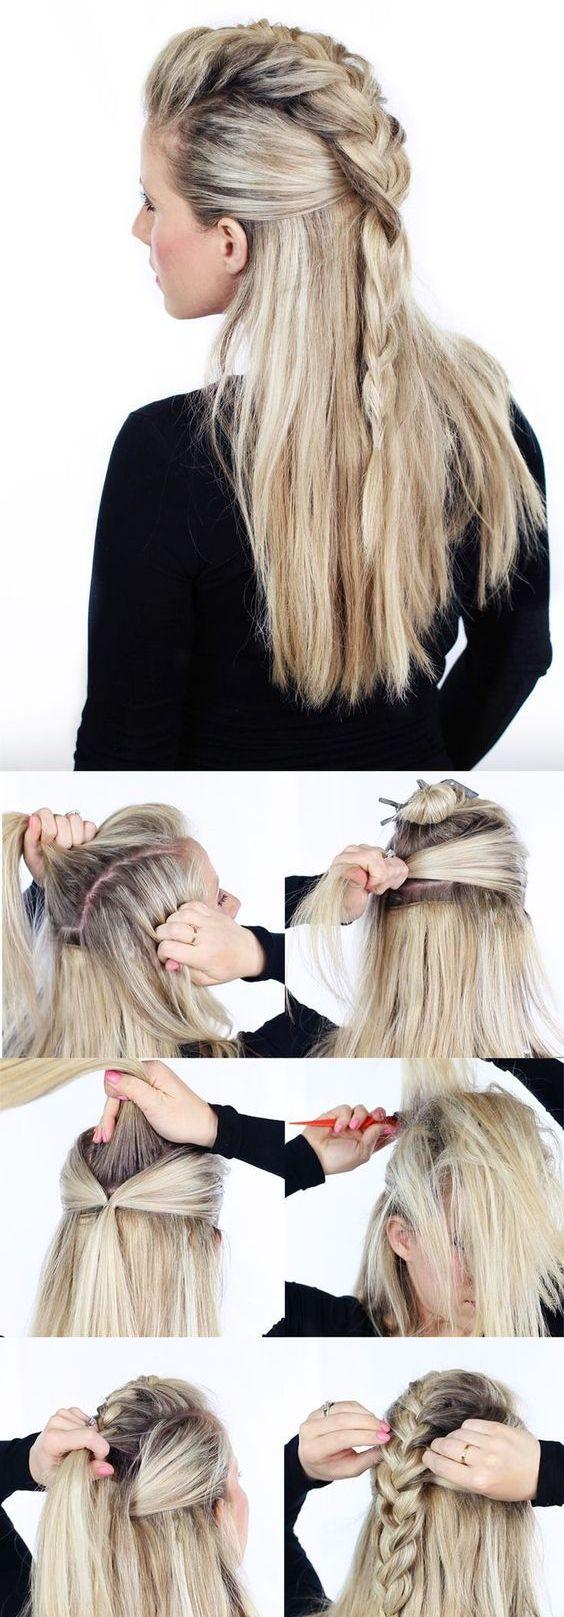 Nuestro cabello es una de las características que más personalidad da a nuestro rostro. Por eso aquí te dejo unos peinados para aprovechar si es que tienes una larga cabellera perfectapara intentar nuevos peinados que te harán ver súper bonita. De algunos de ellos te dejamos tutoriales para que puedas practicarlos y lograr un buen …